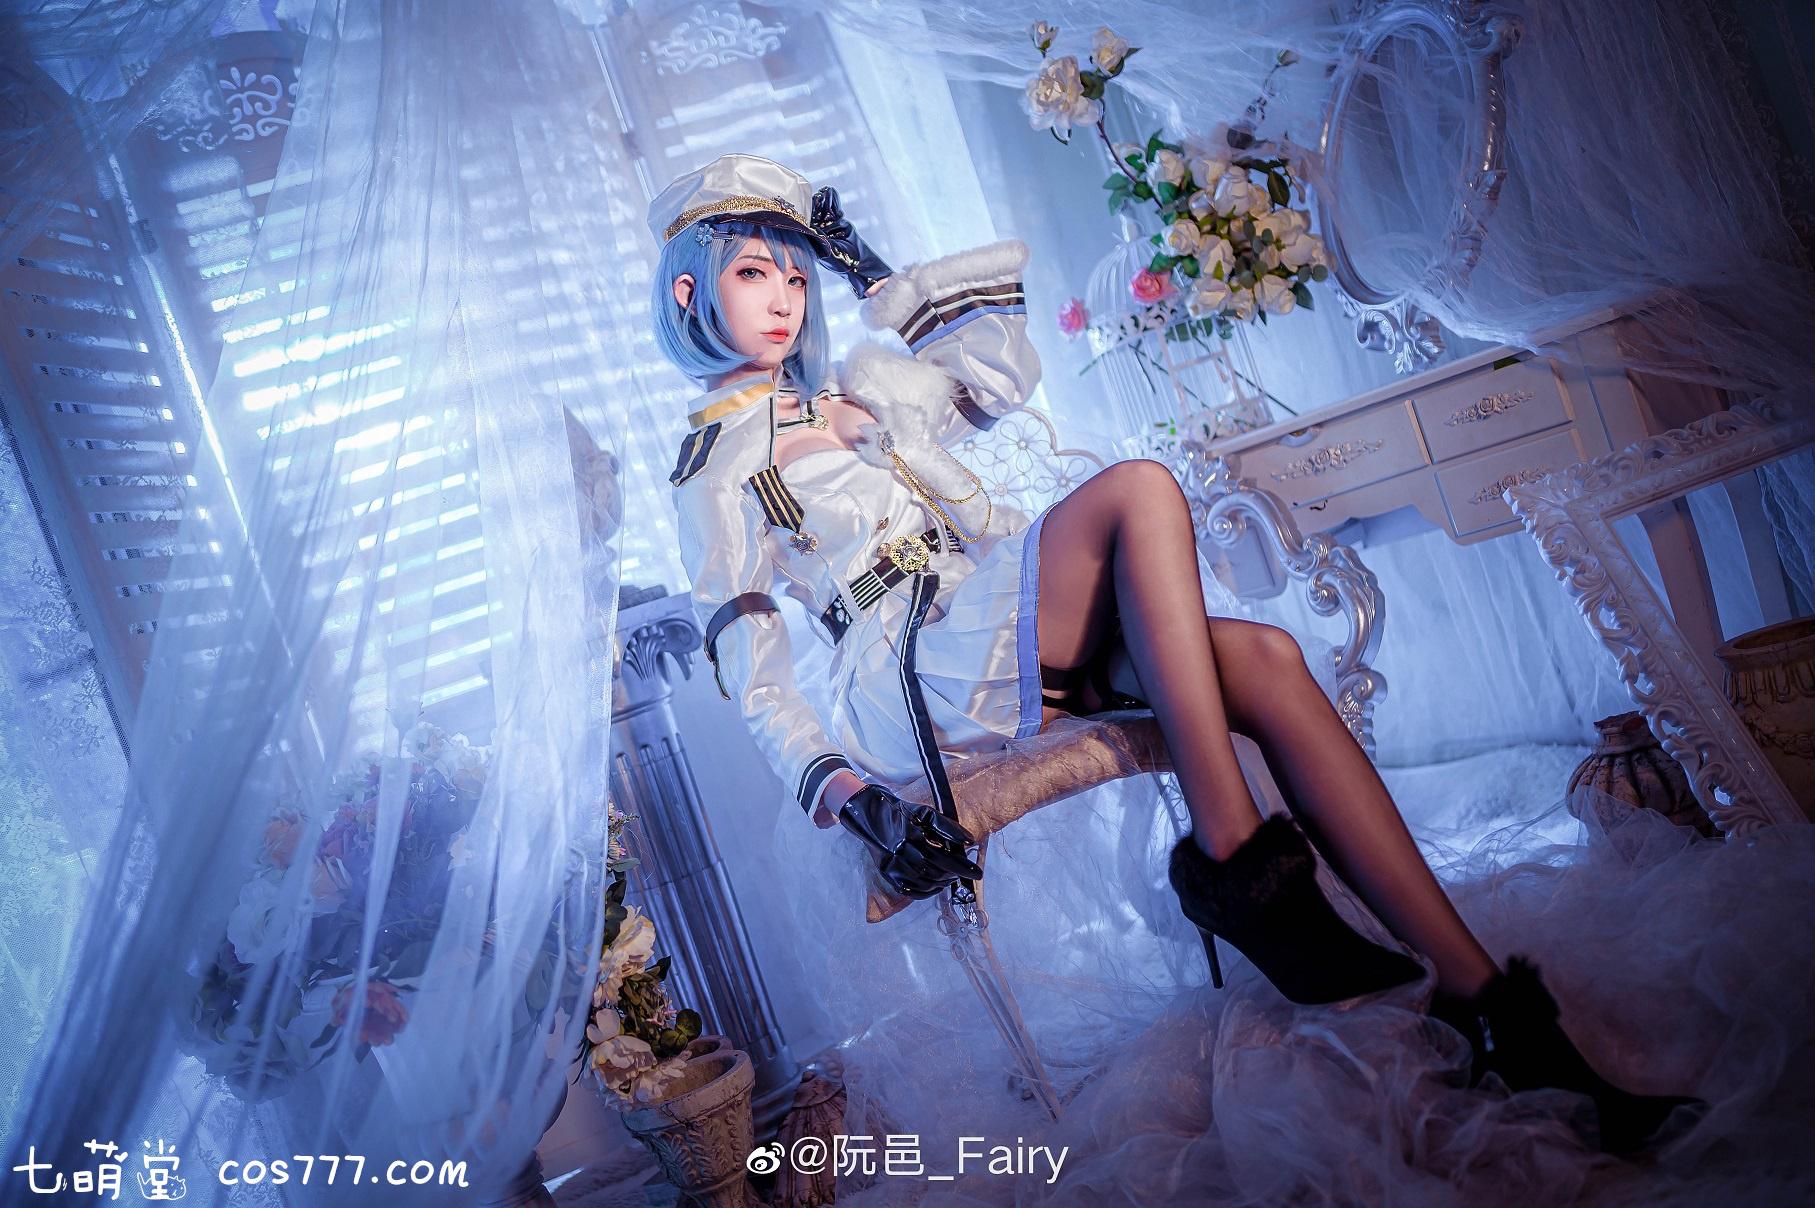 微博二次元博主阮邑Fairy付费cosplay写真图集百度云网盘 COS合集